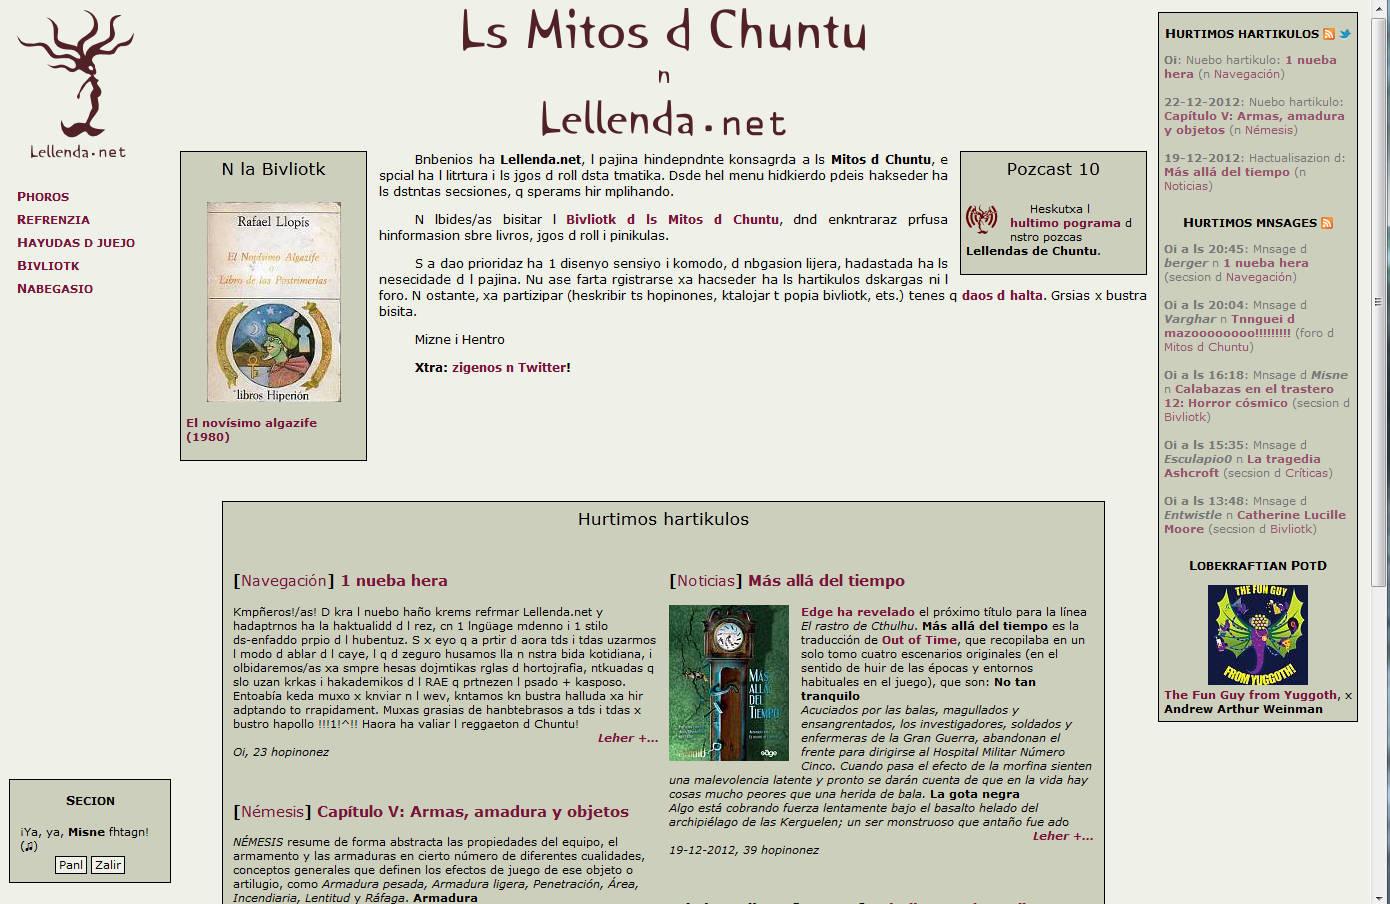 página principal de leyenda.net el día de los inocentes 2012